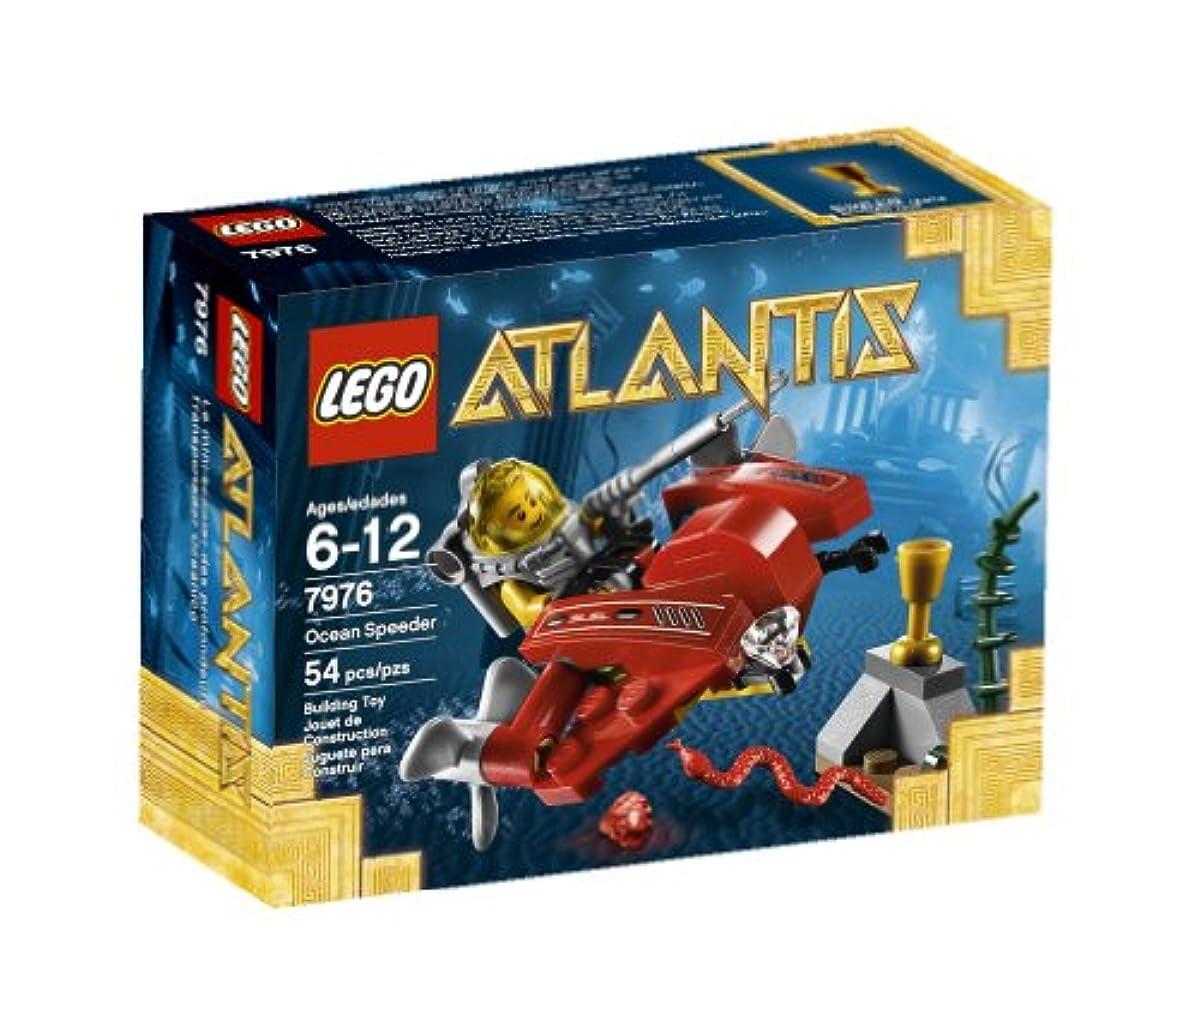 [해외] LEGO ATLANTIS OCEAN SPEEDER 7976